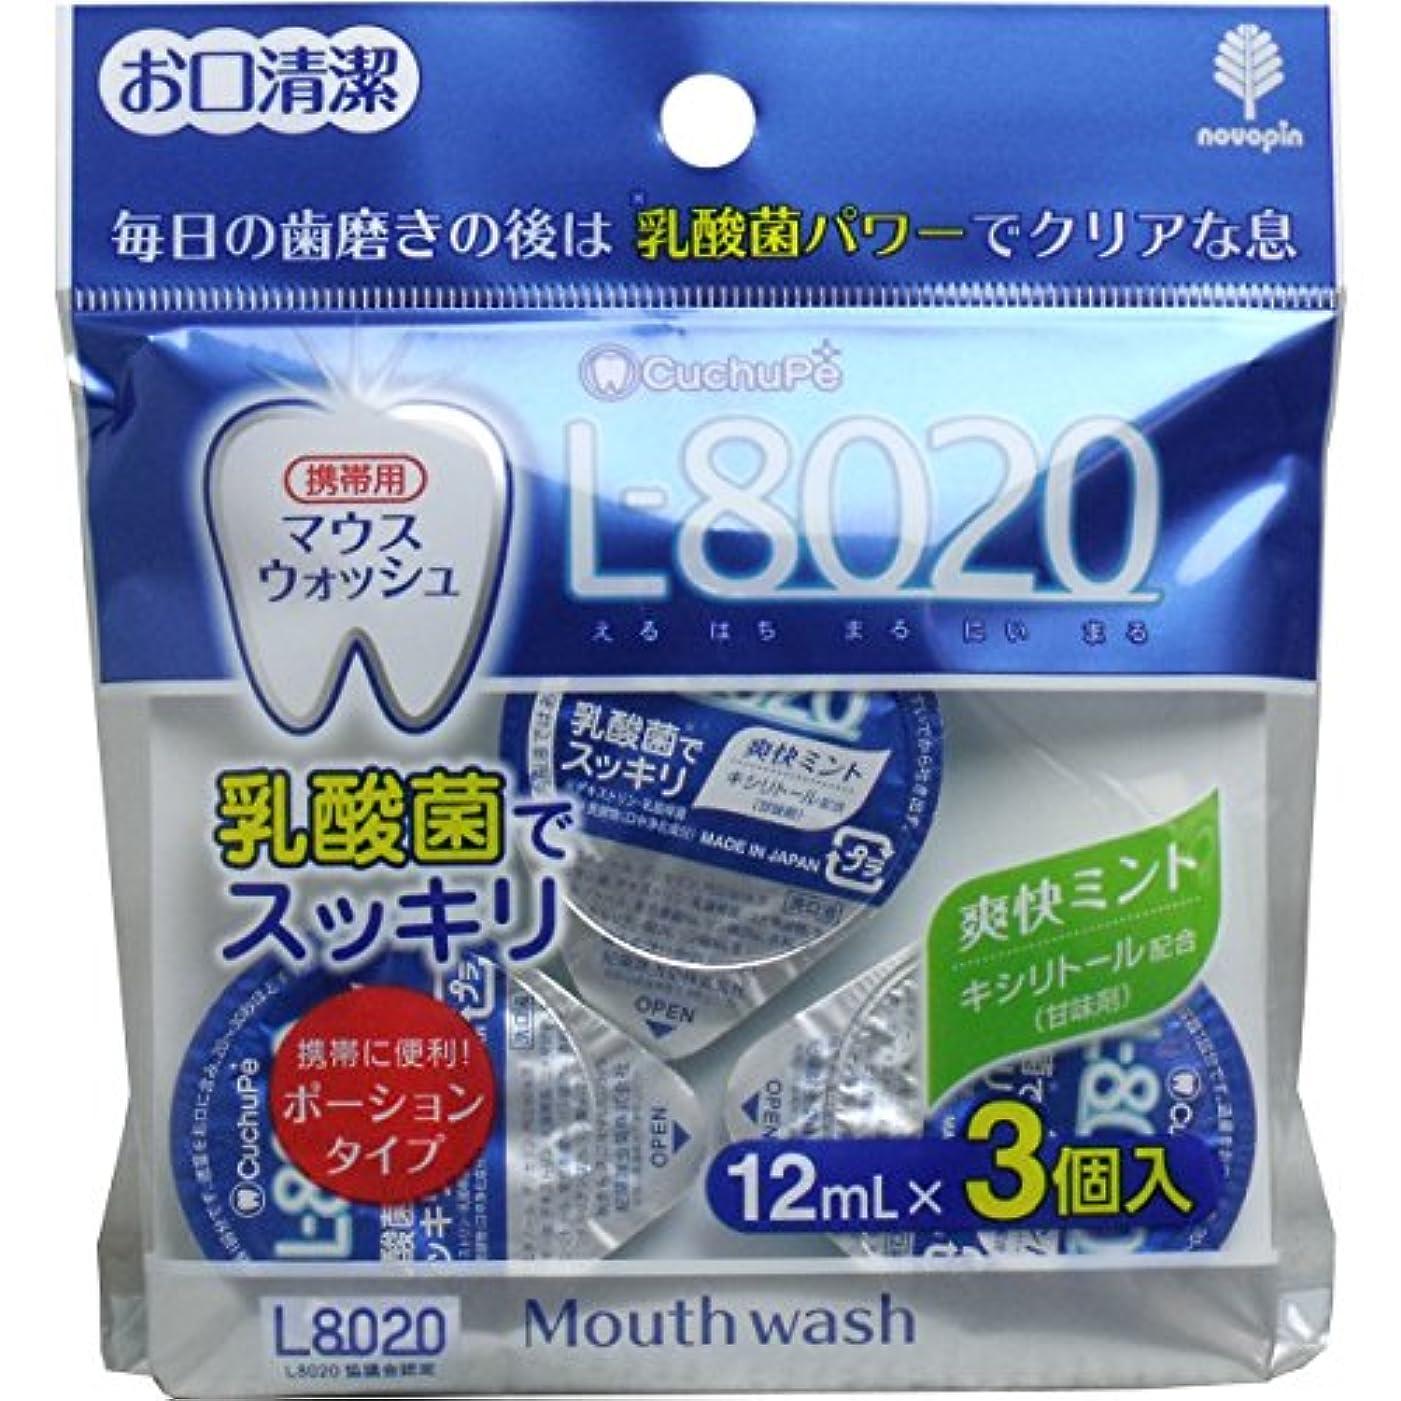 クチュッペ L-8020 マウスウォッシュ 爽快ミント ポーションタイプ 3個入 紀陽除虫菊